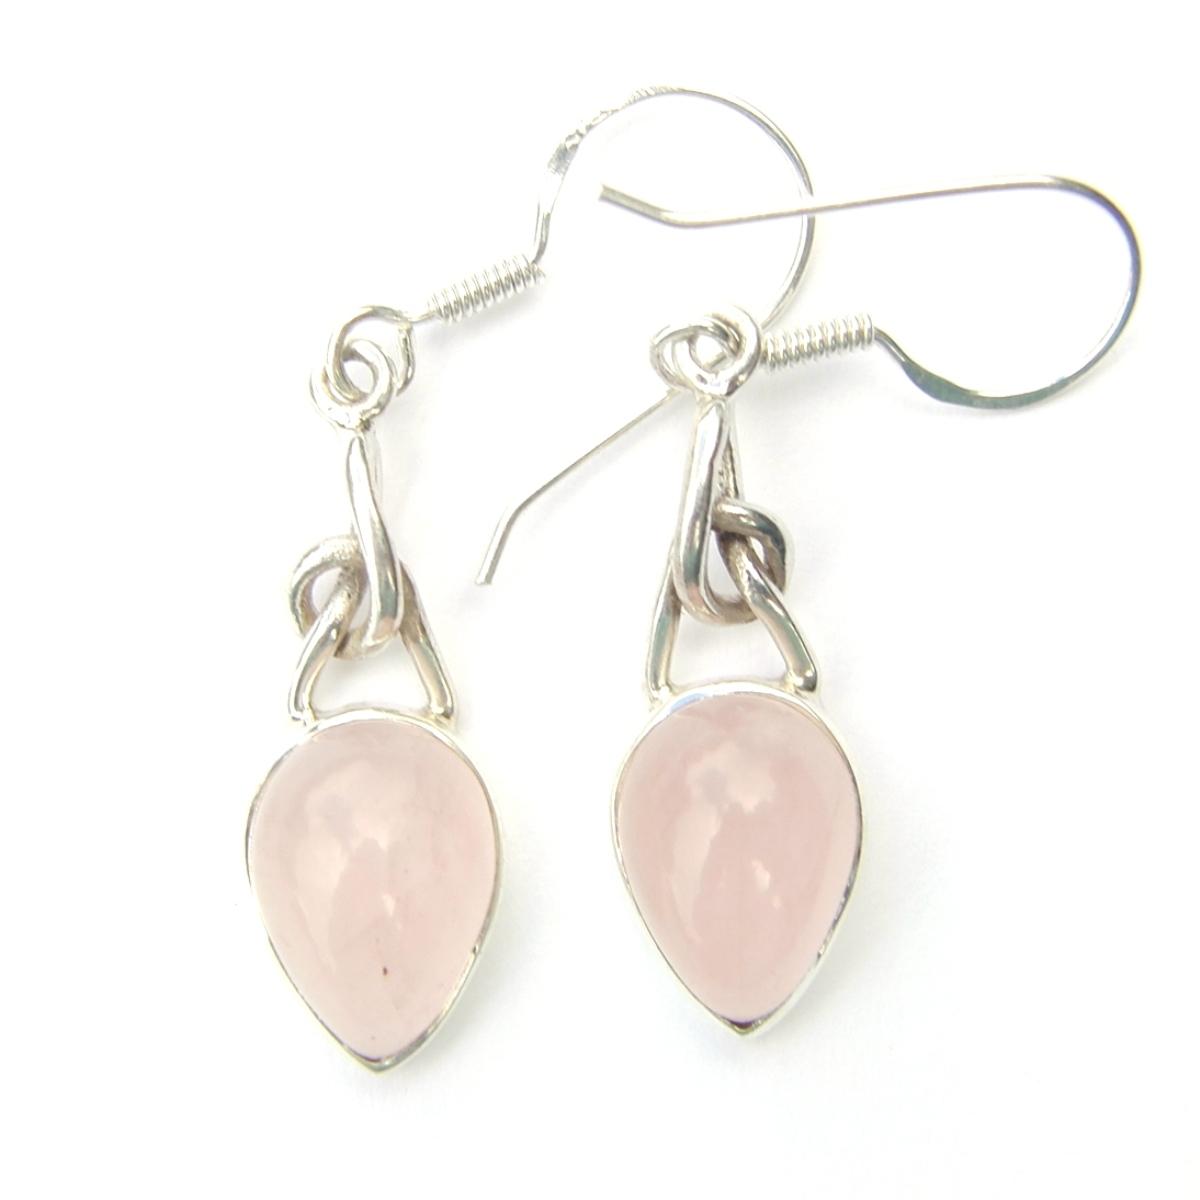 Rose Quartz Knot Earrings